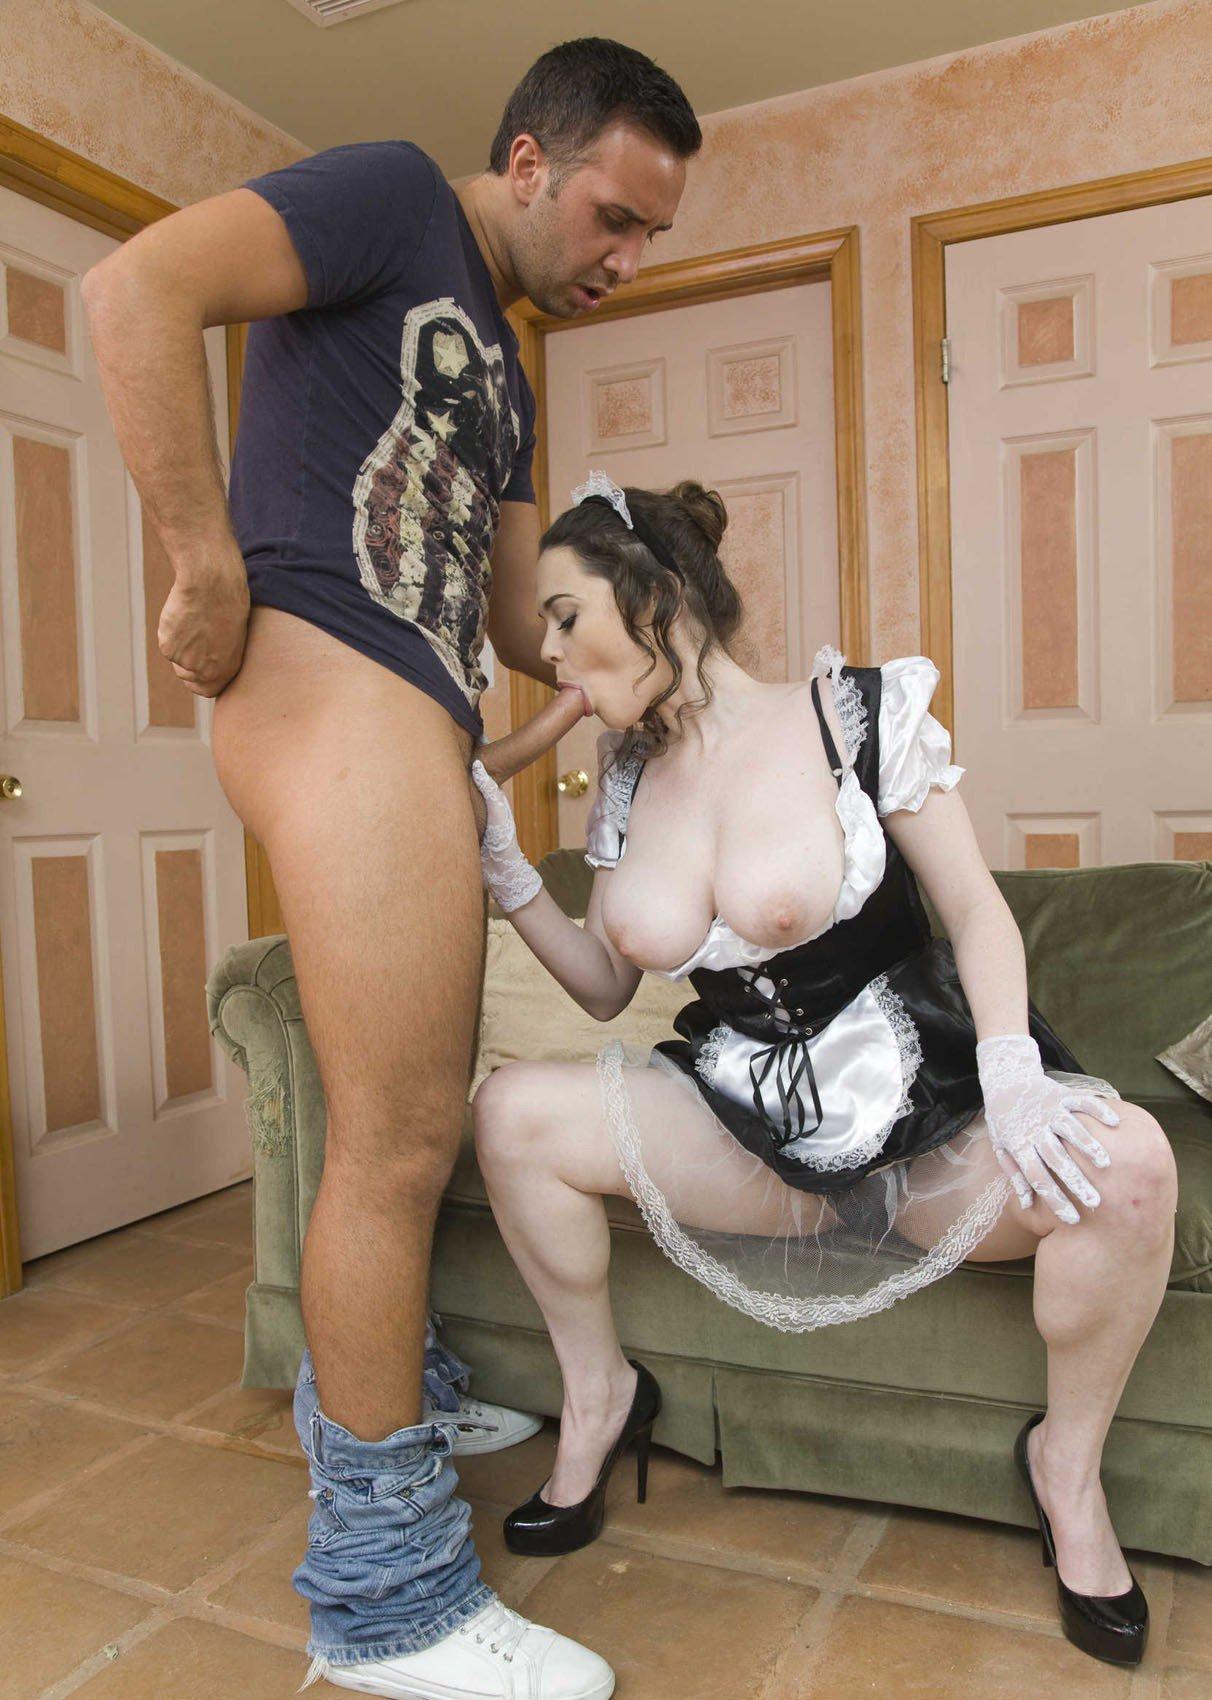 maid suck cock web sex gallery